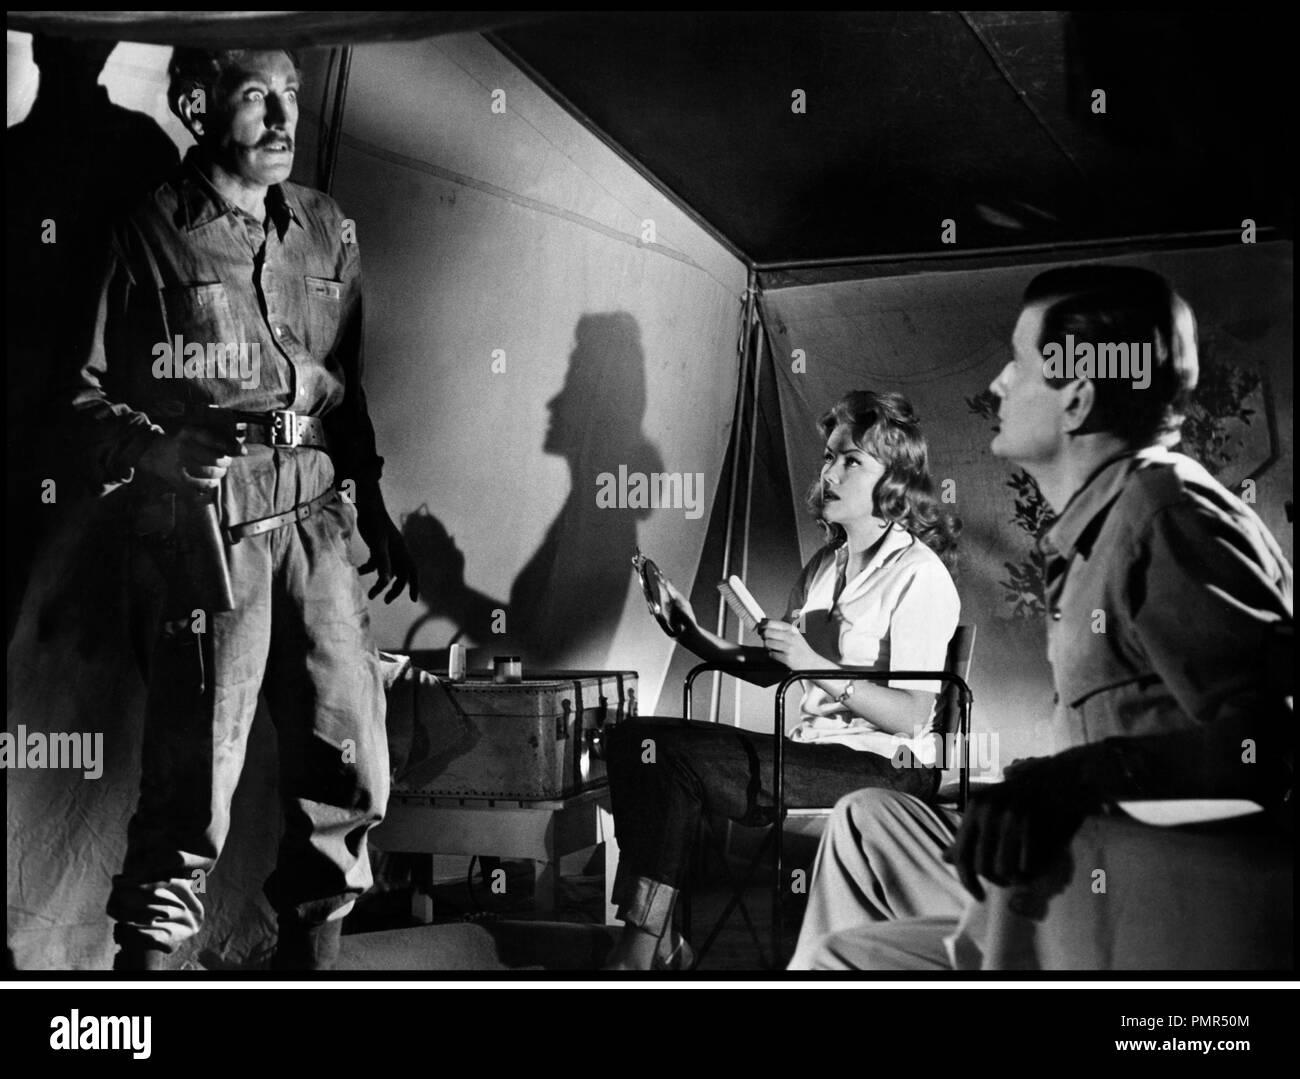 Anthony Head (born 1954) photo